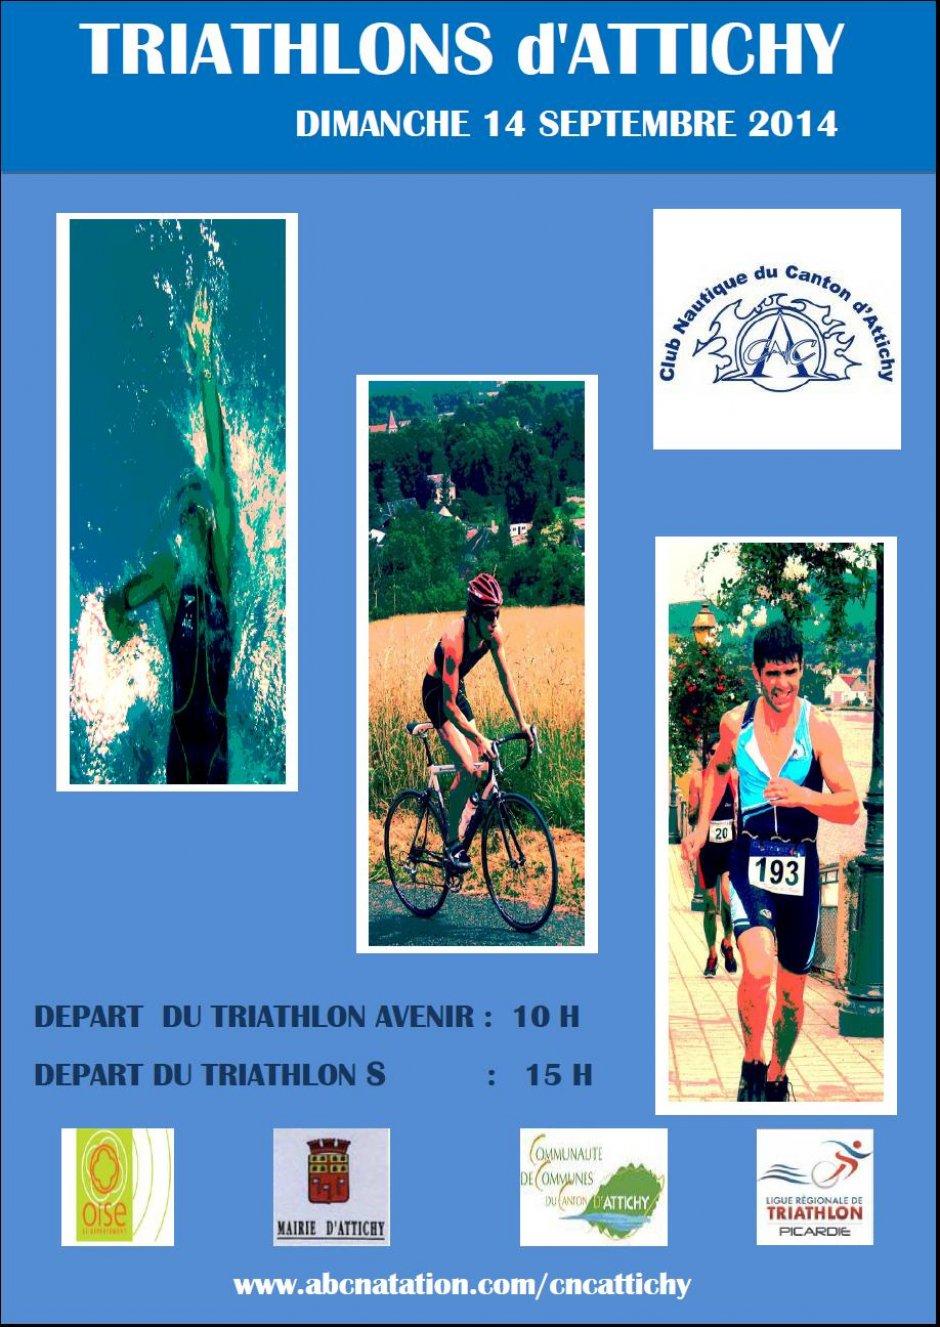 Triathlon sprint paris